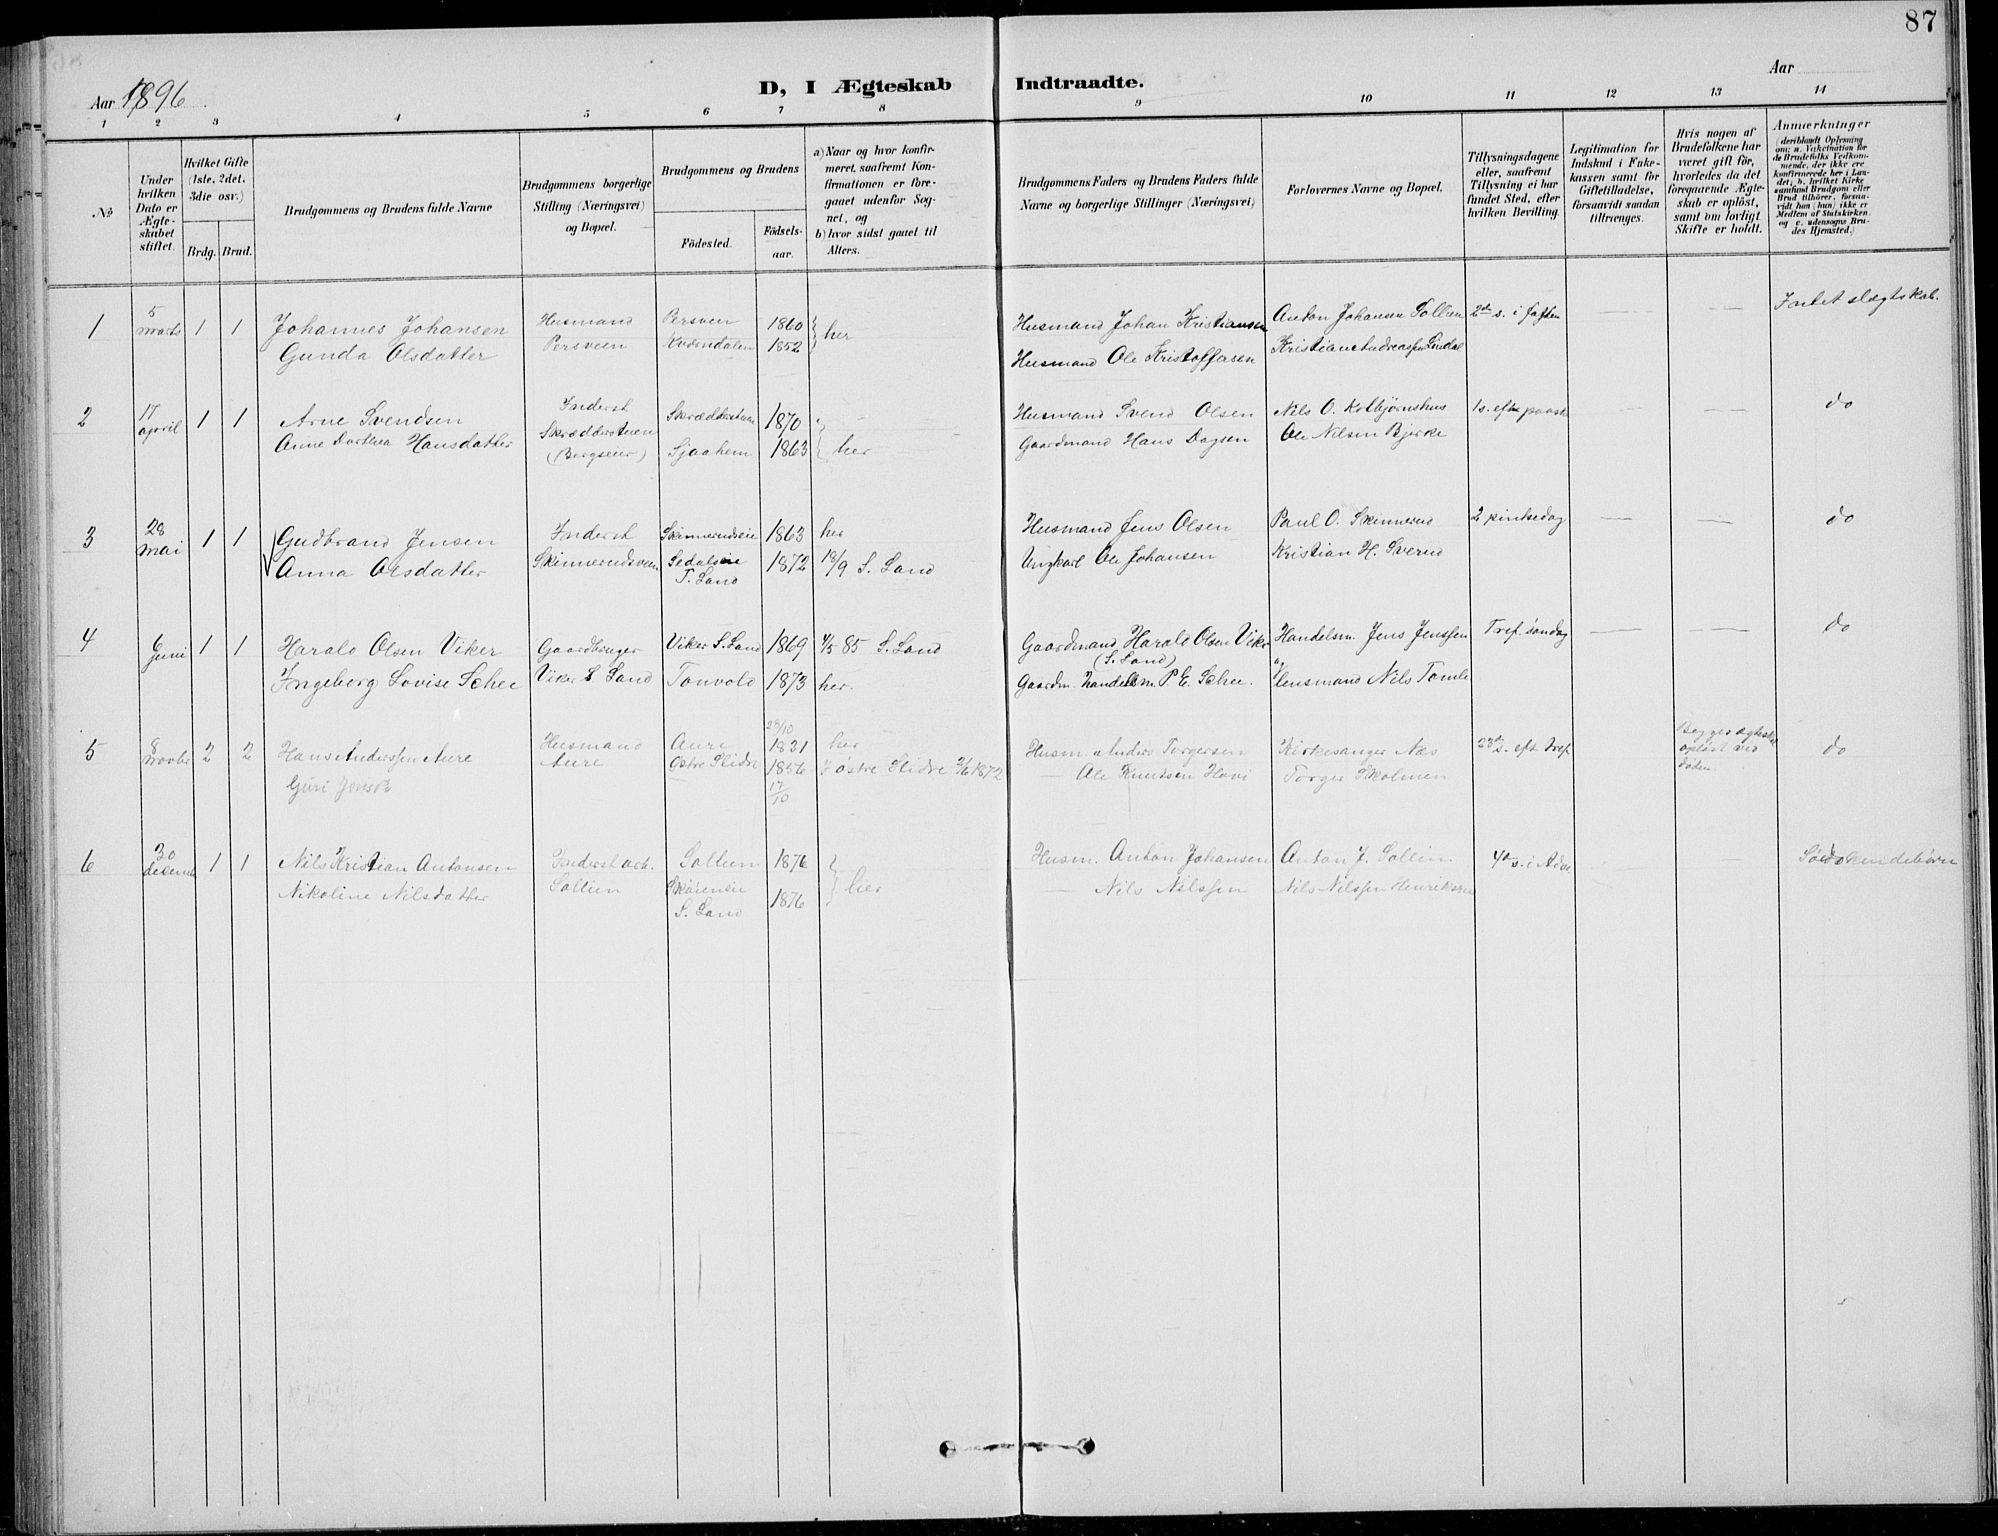 SAH, Nordre Land prestekontor, Klokkerbok nr. 14, 1891-1907, s. 87